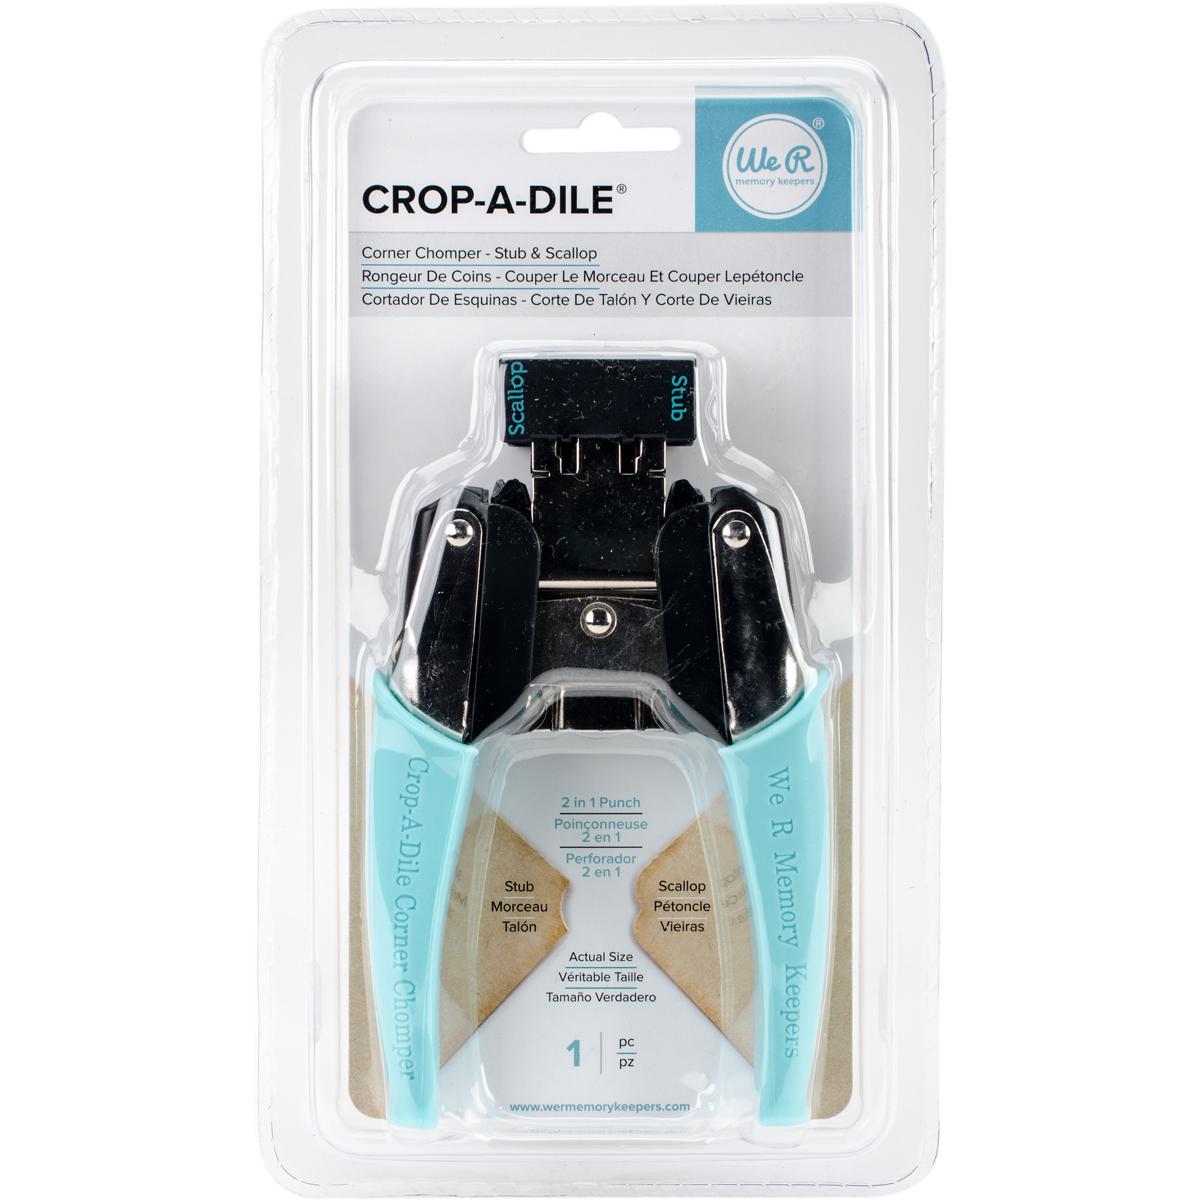 Crop-A-Dile Corner Chomper Tool-Stub & Scallop